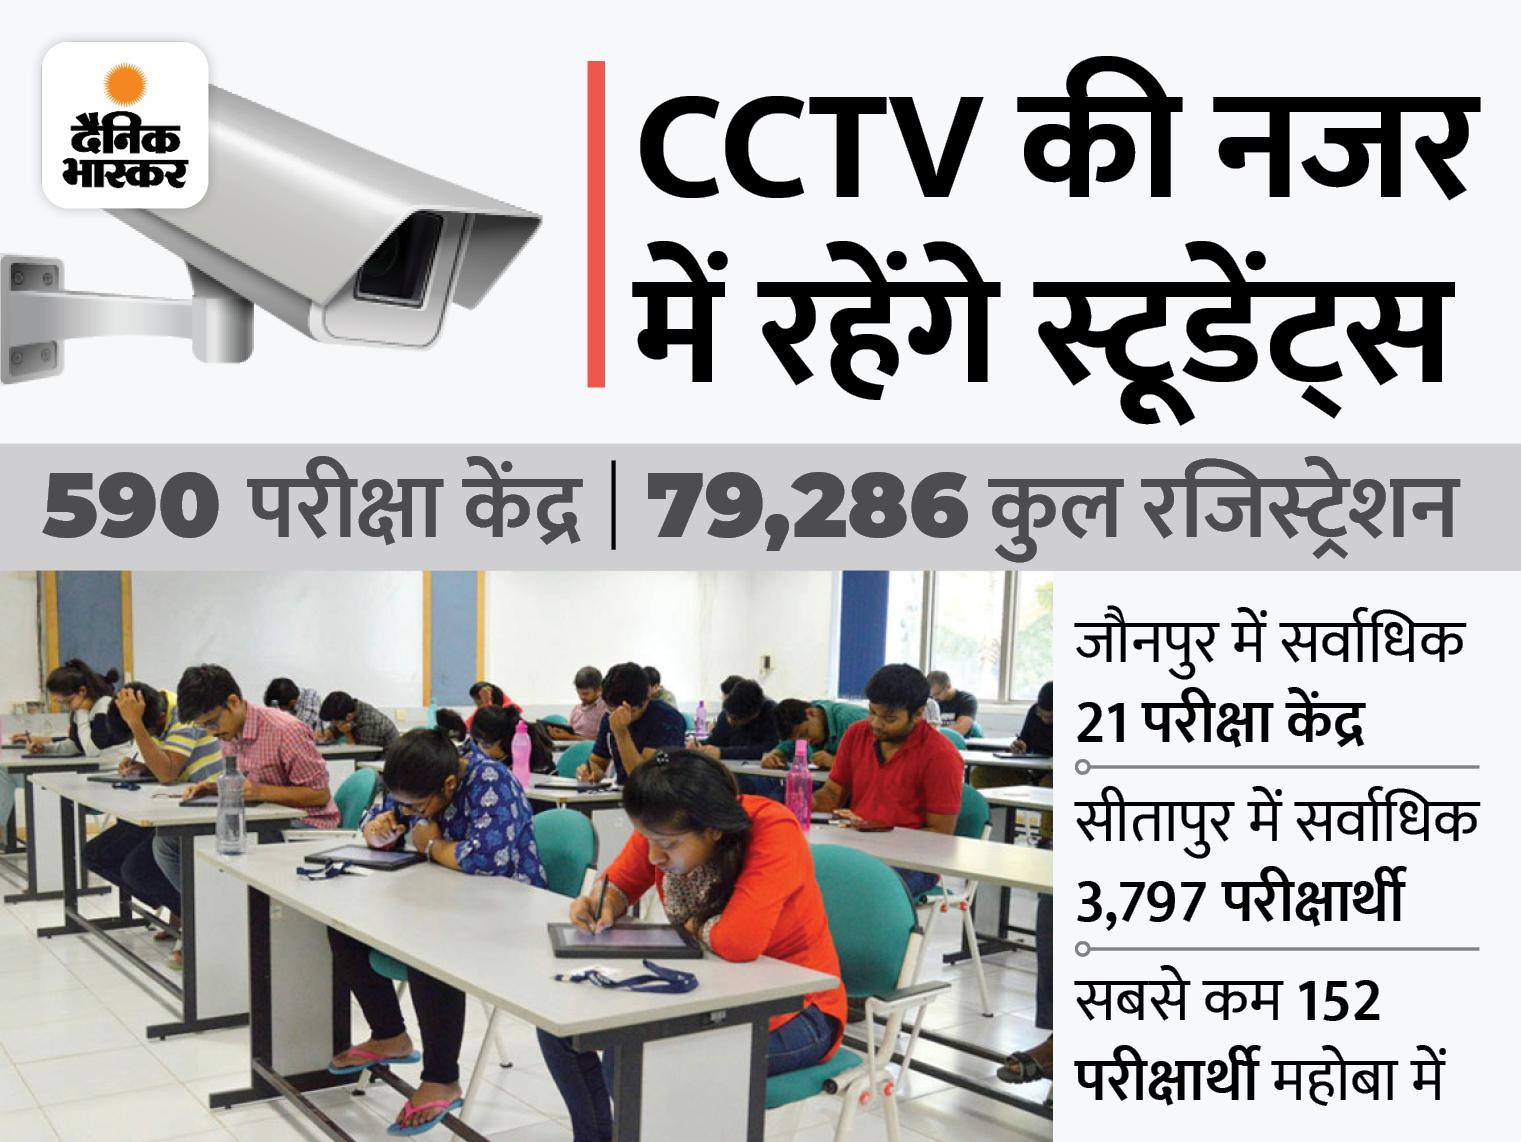 STF की निगरानी में रहेंगे 75 जनपदों के 590 परीक्षा केंद्र; 80 हजार स्टूडेंट्स होंगे शामिल, पहले दिन हिंदी की परीक्षा खत्म|लखनऊ,Lucknow - Dainik Bhaskar